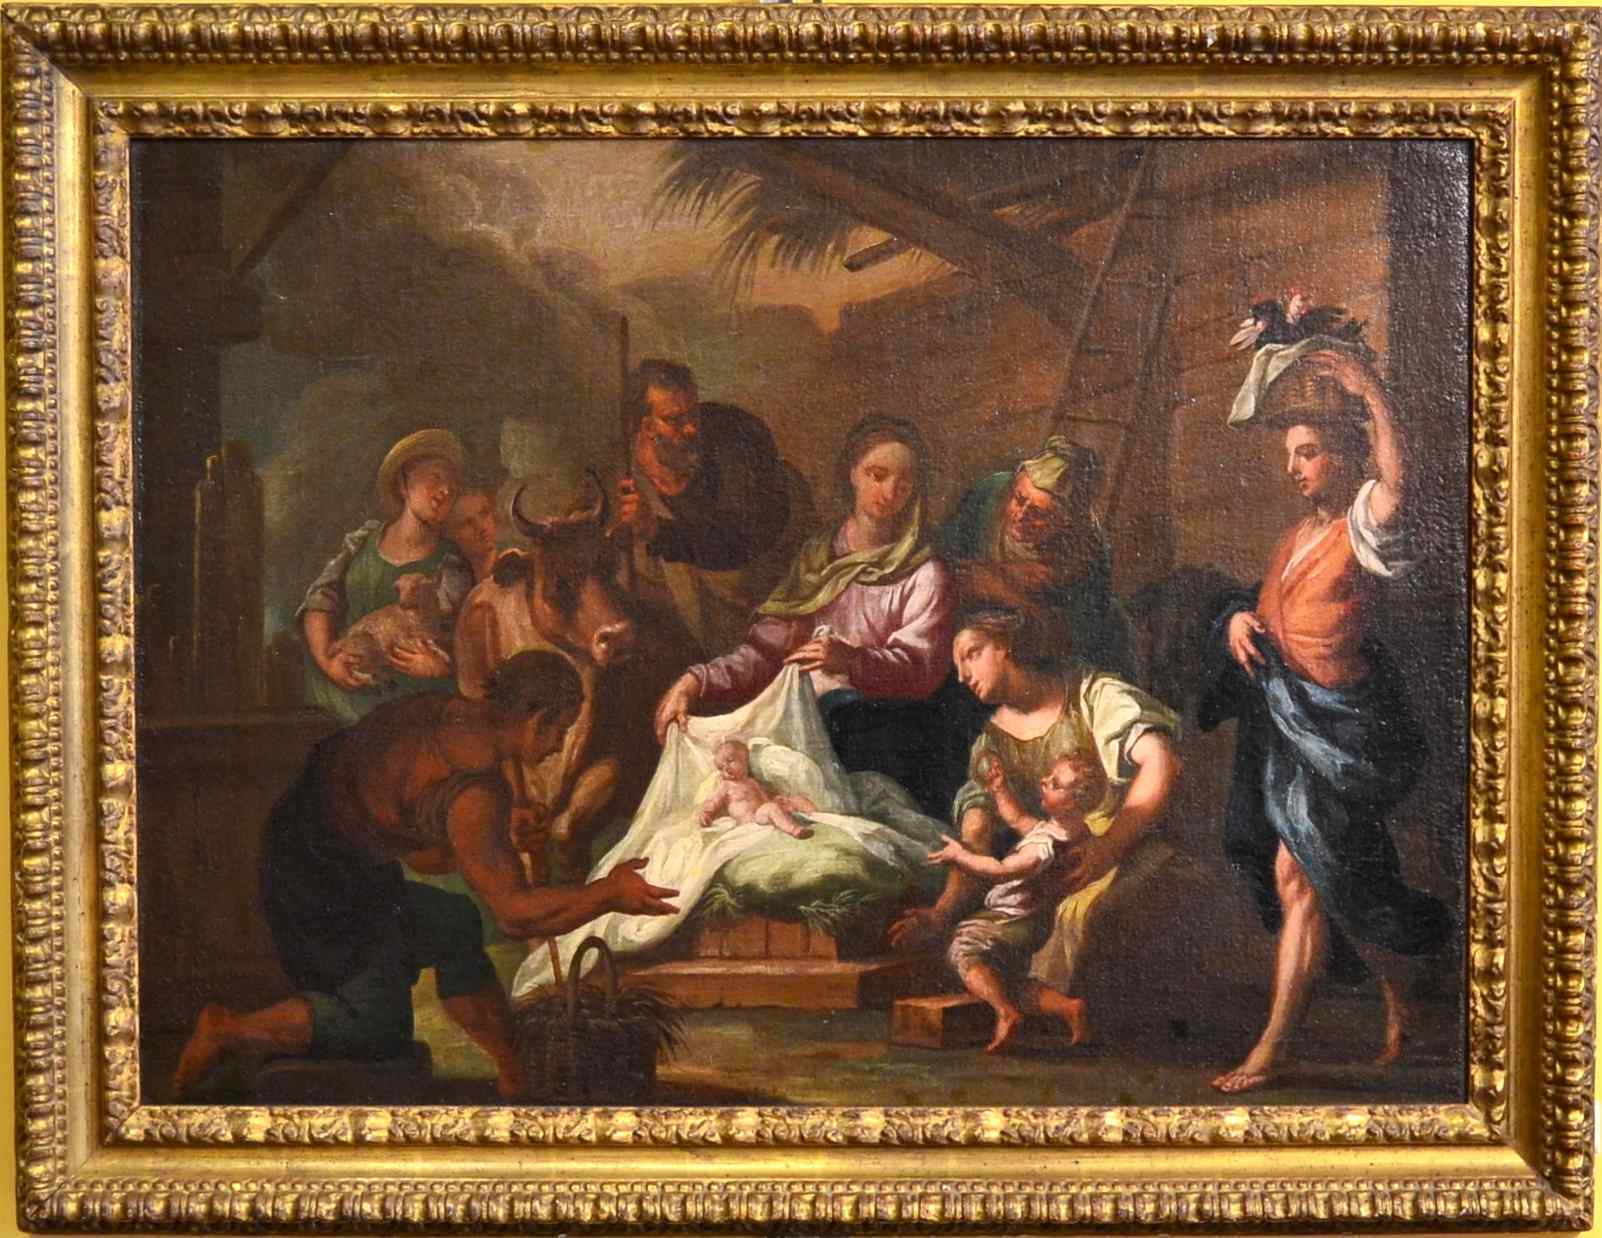 Поклонение пастухов, неаполитанской школы, в начале восемнадцатого века.